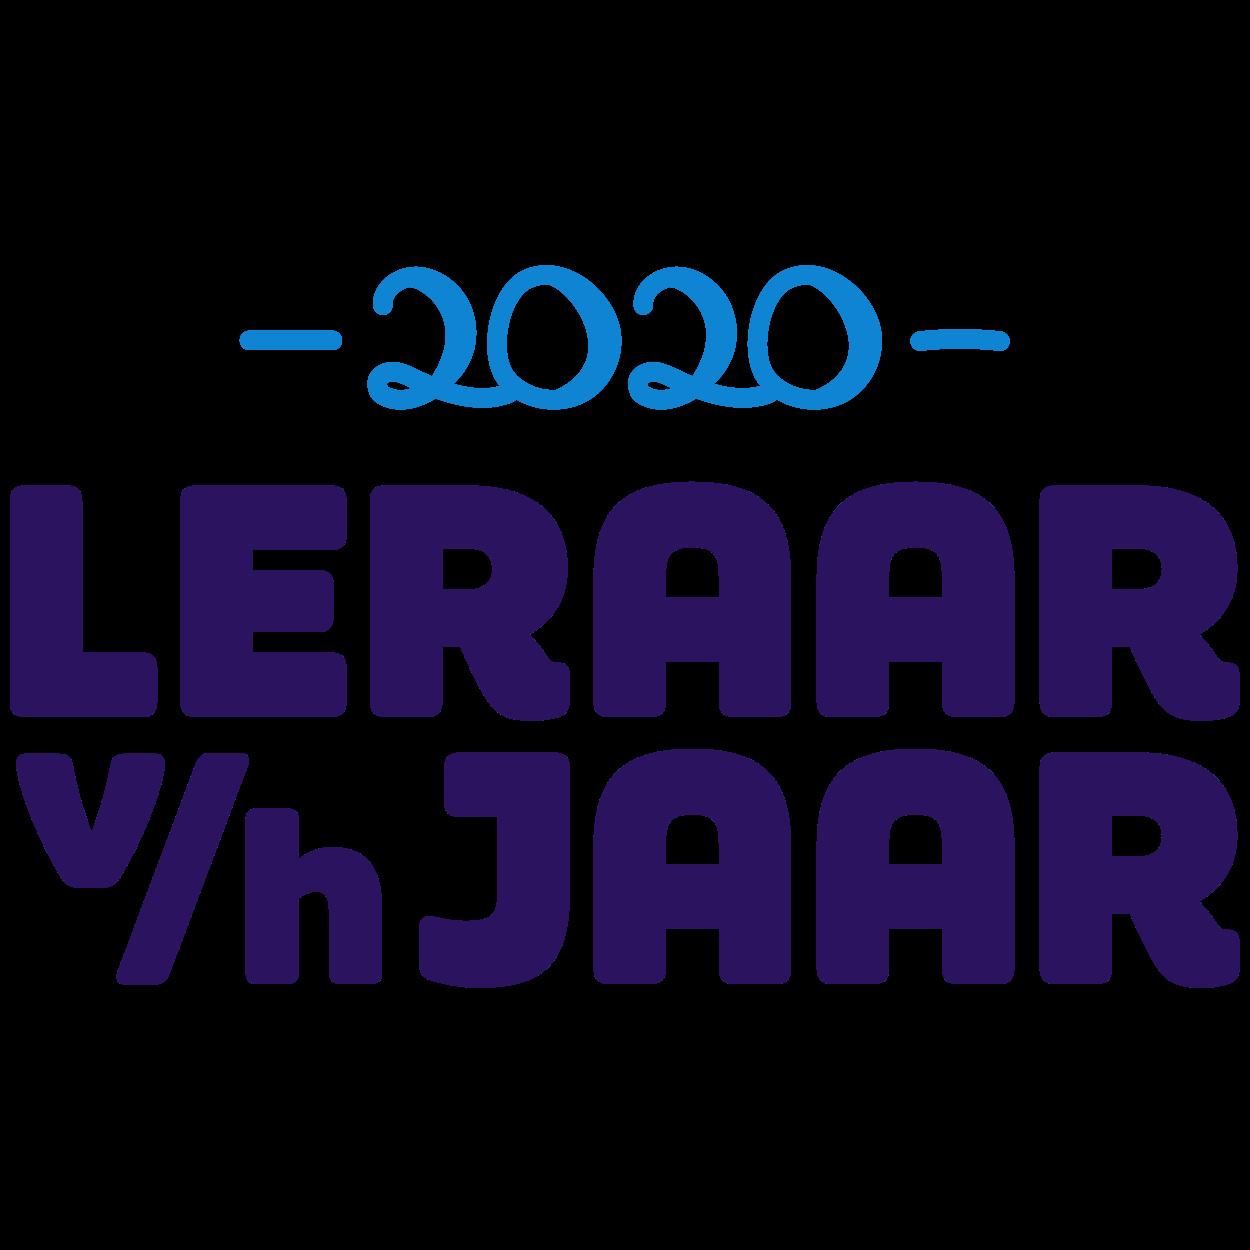 Leraar van het Jaar 2020 - Iedereen Leraar van het Jaar